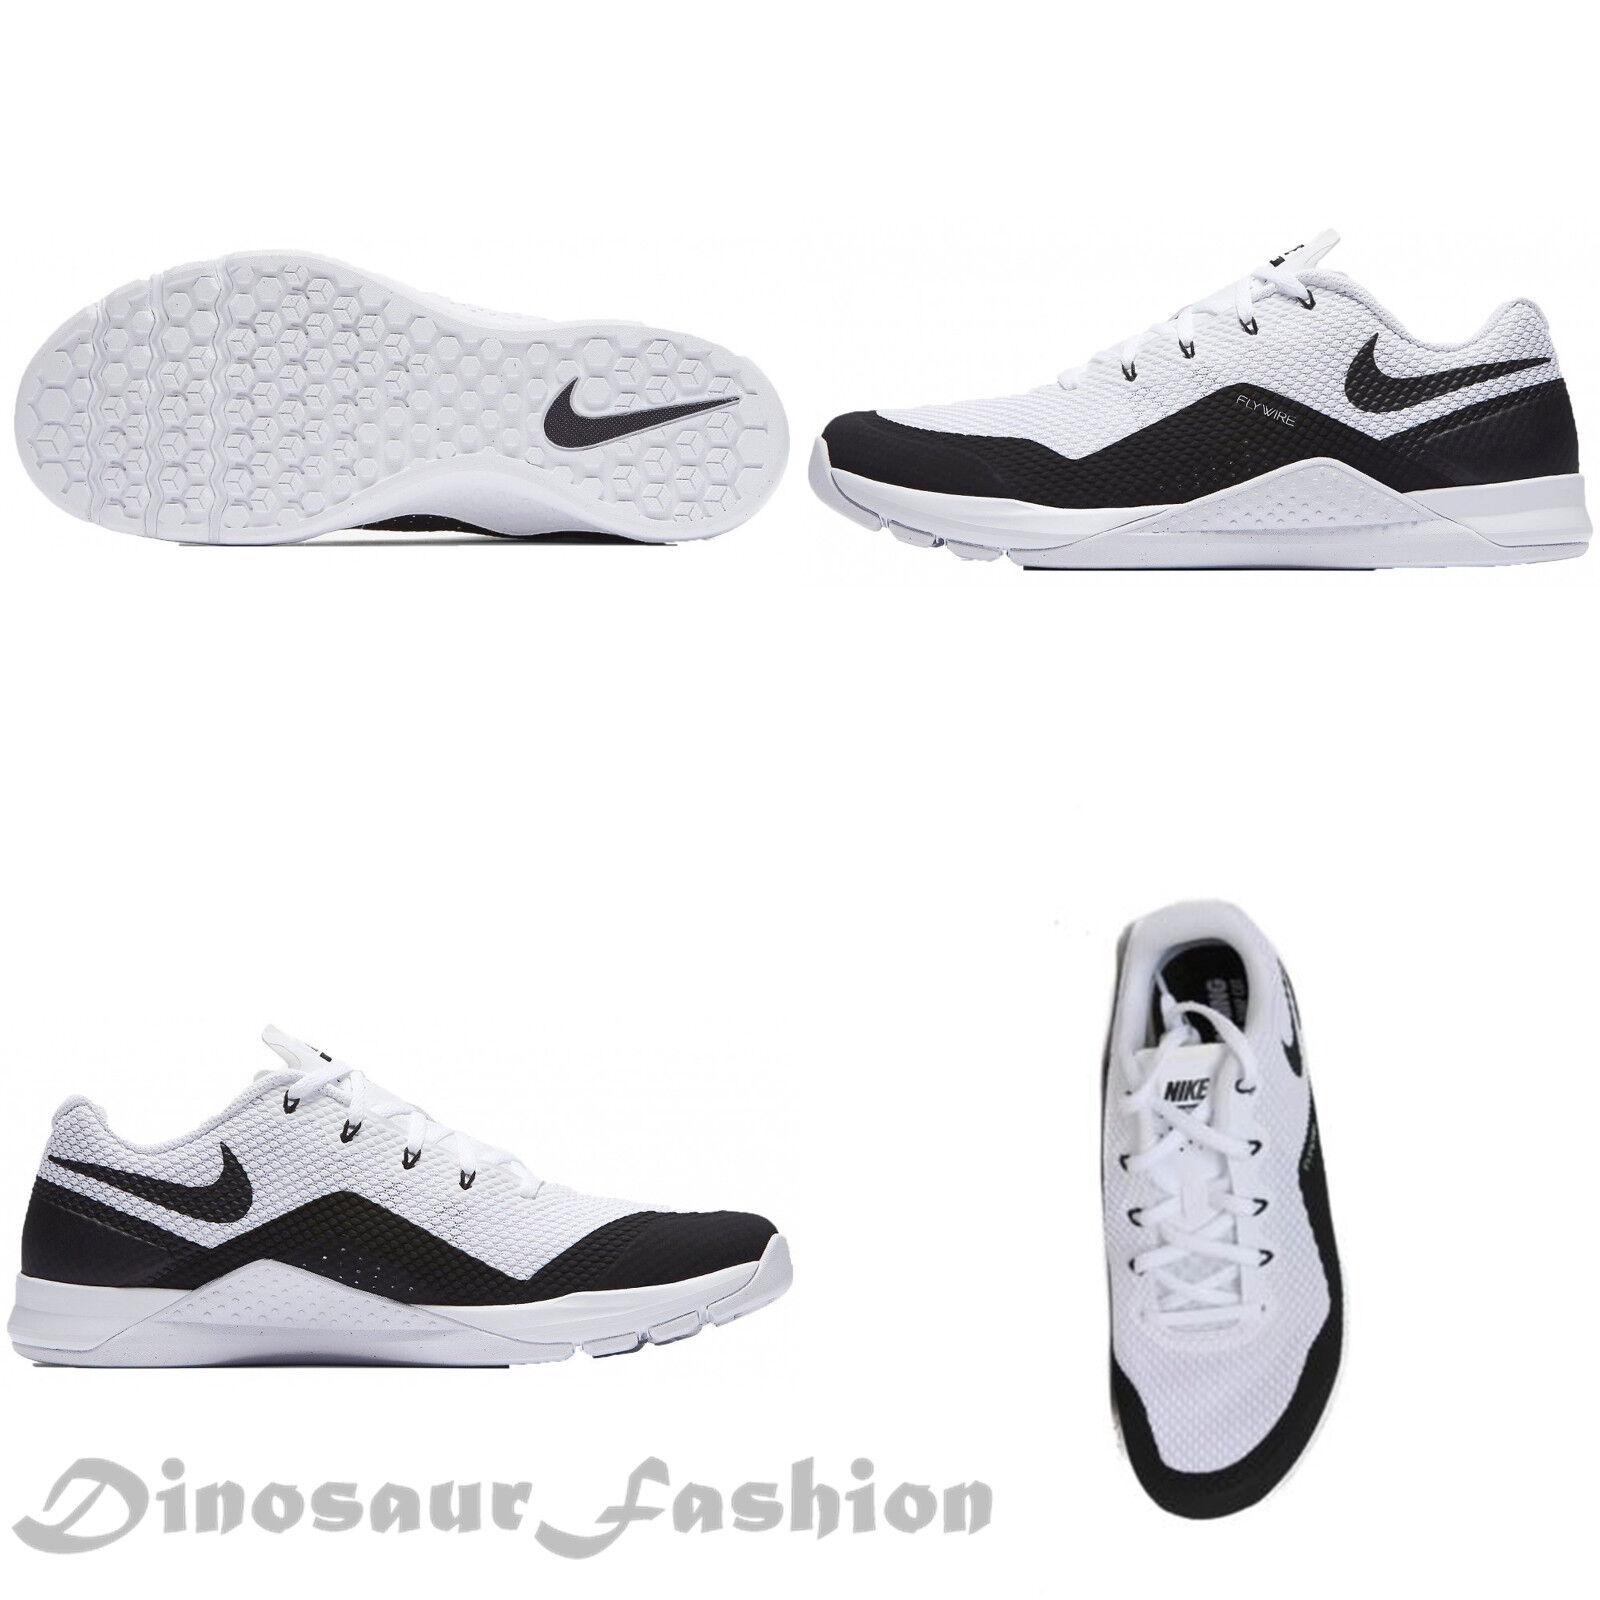 nike metcon repper dsx < 898048-100 >, les chaussures chaussures les d'entraîneHommes t de nouveau avec boîte. b78ece